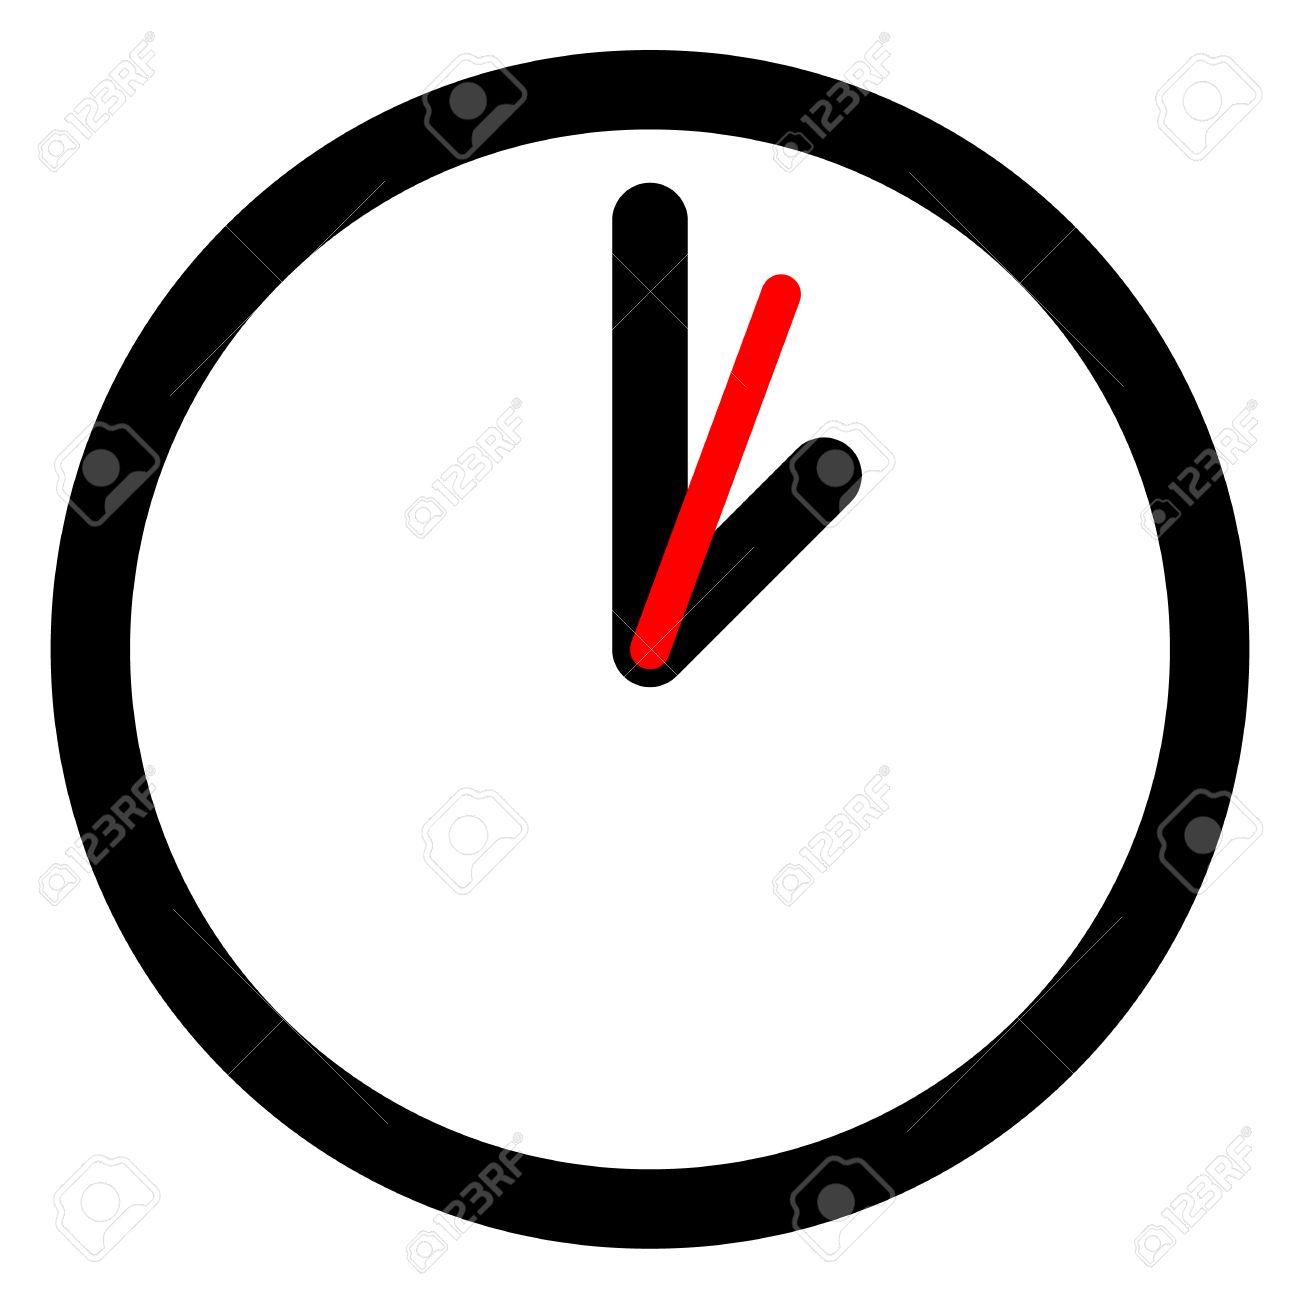 Pared De PlanaSímbolo En Reloj Blanco Del eEH9YWD2I